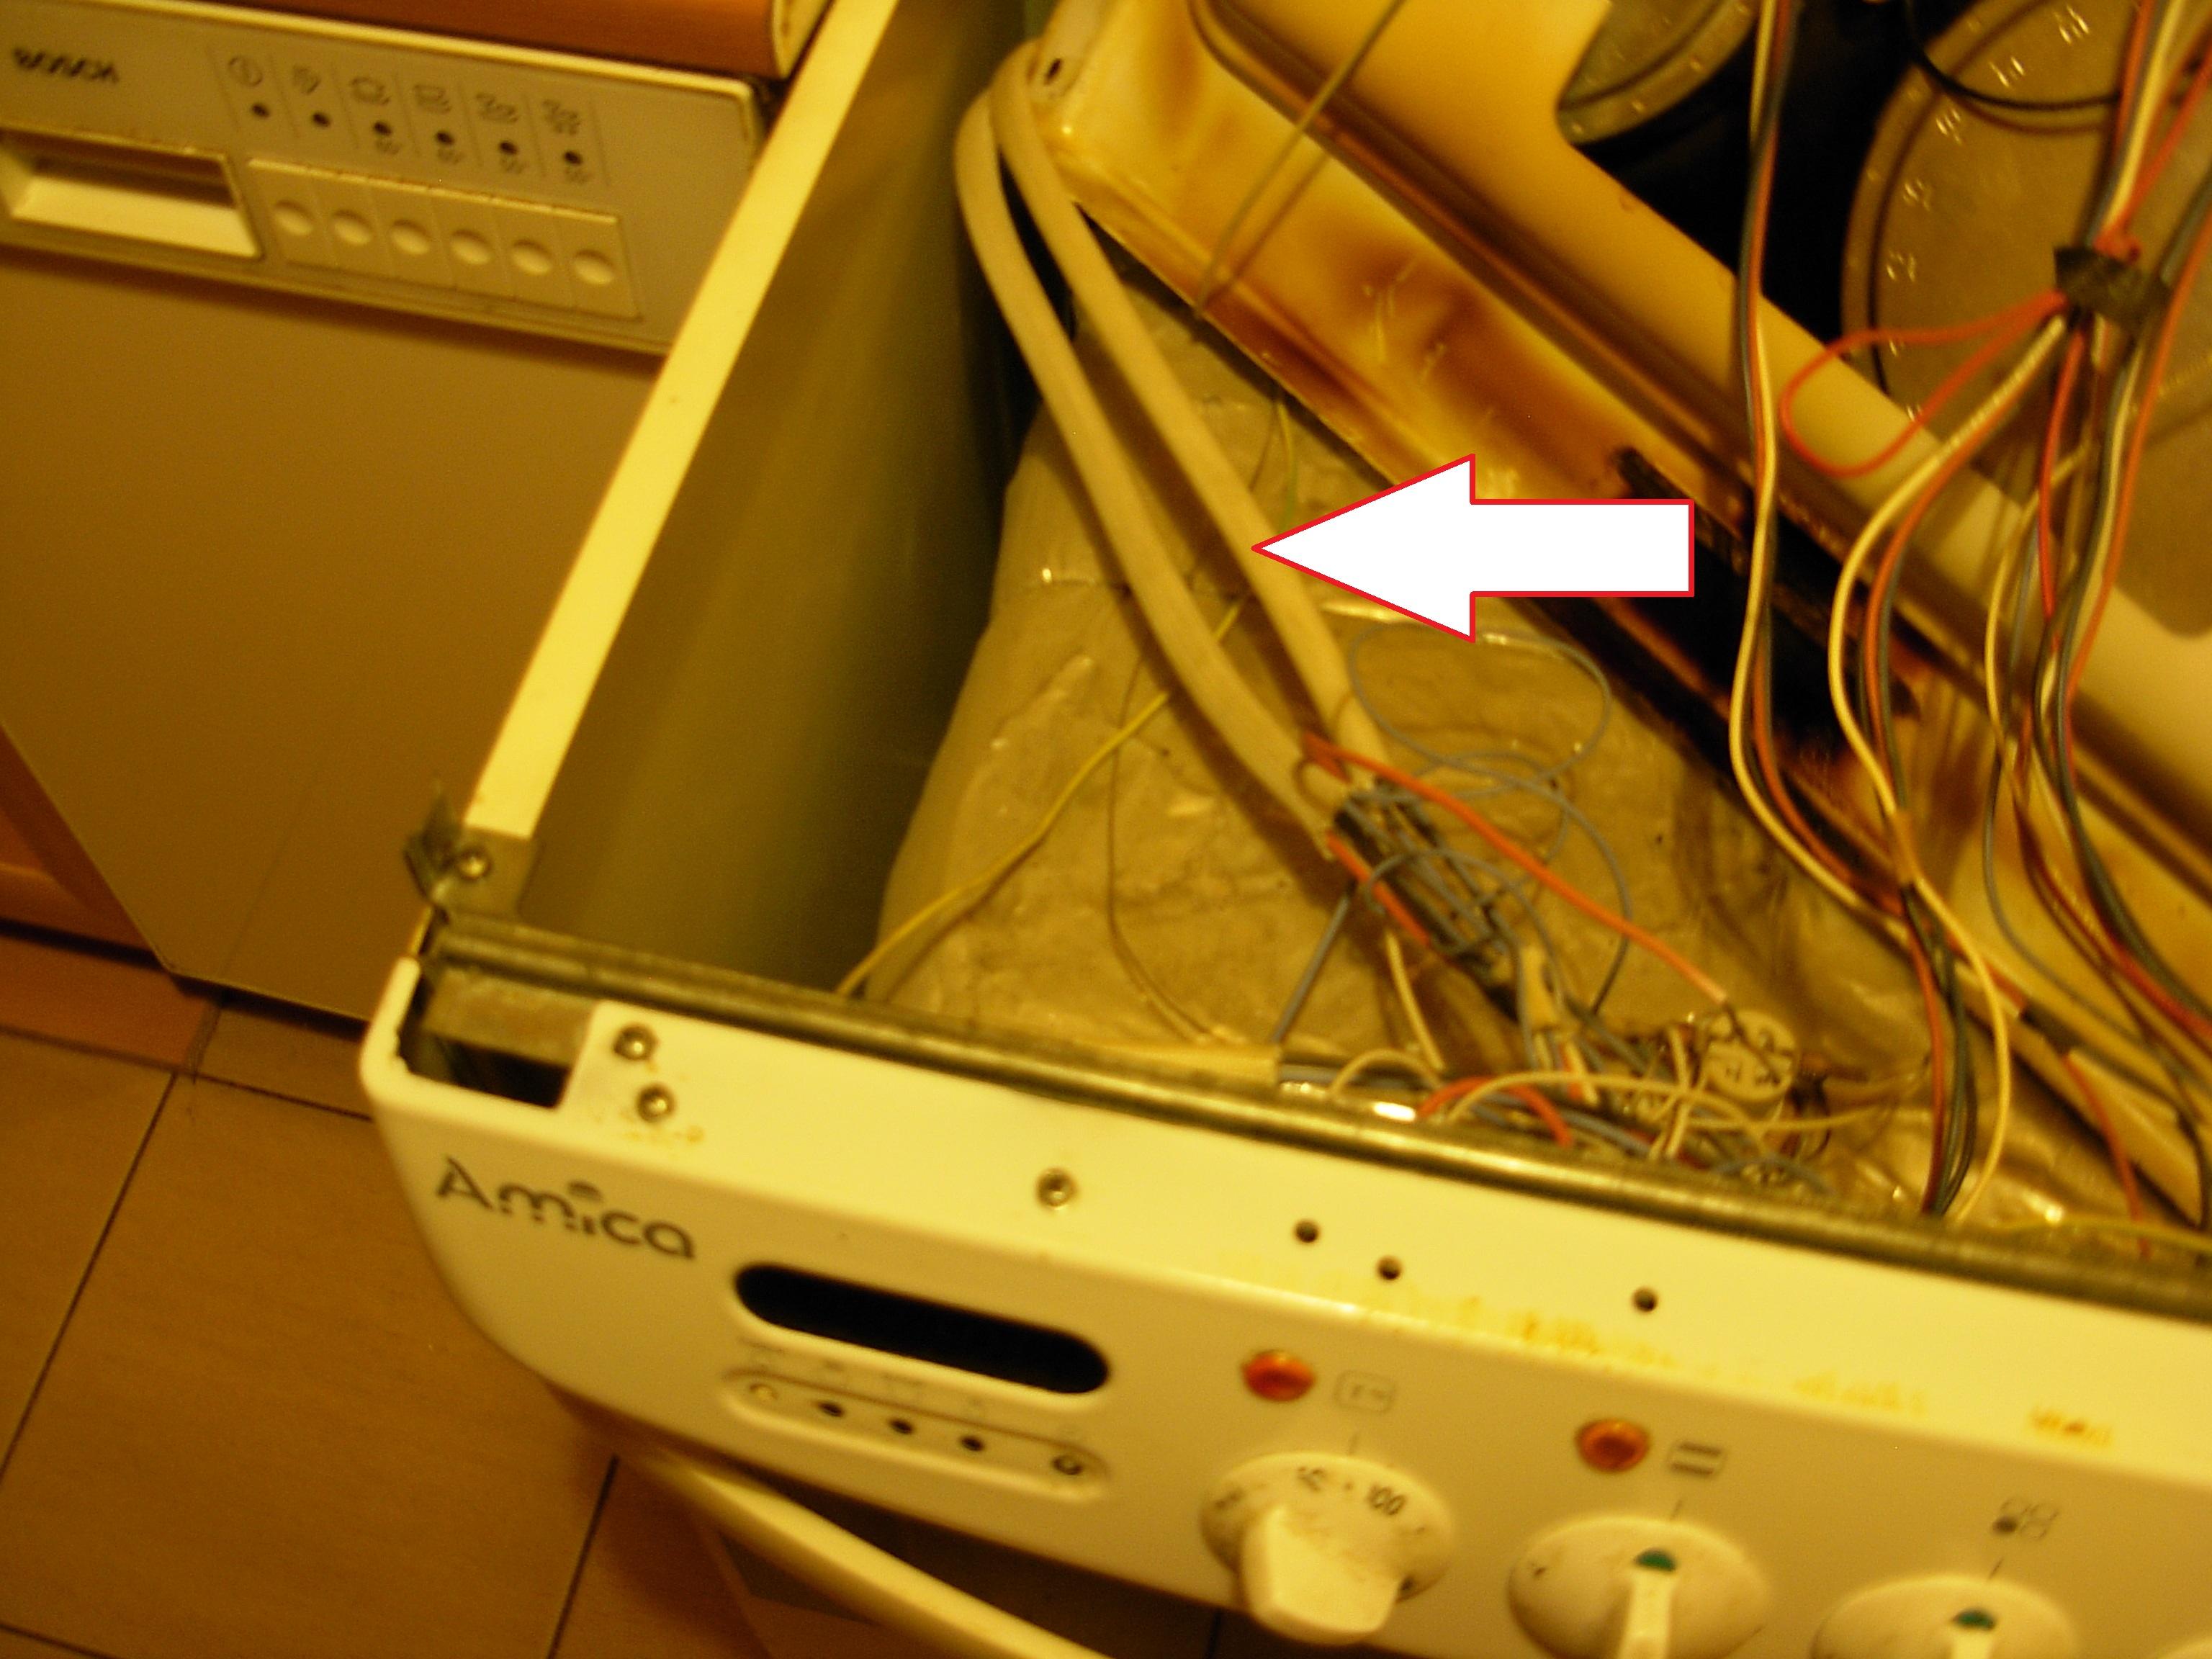 Kuchnia elektryczna Amica C 602.8.Te-nie dzia�a piekarnik i wy�wietlacz